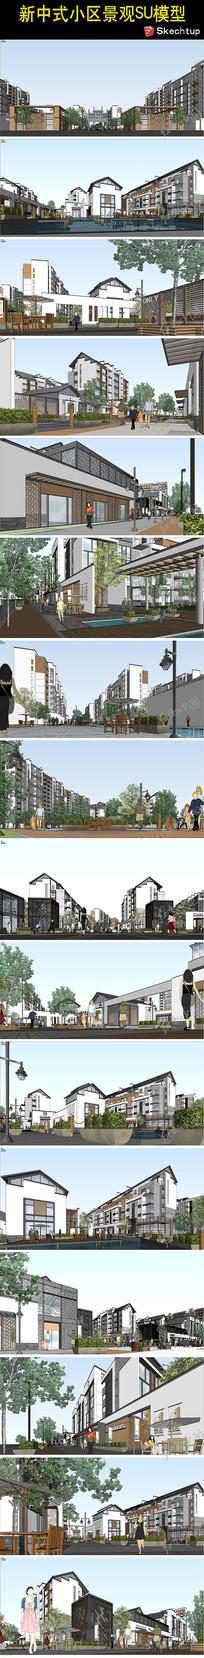 新中式小区景观SU模型